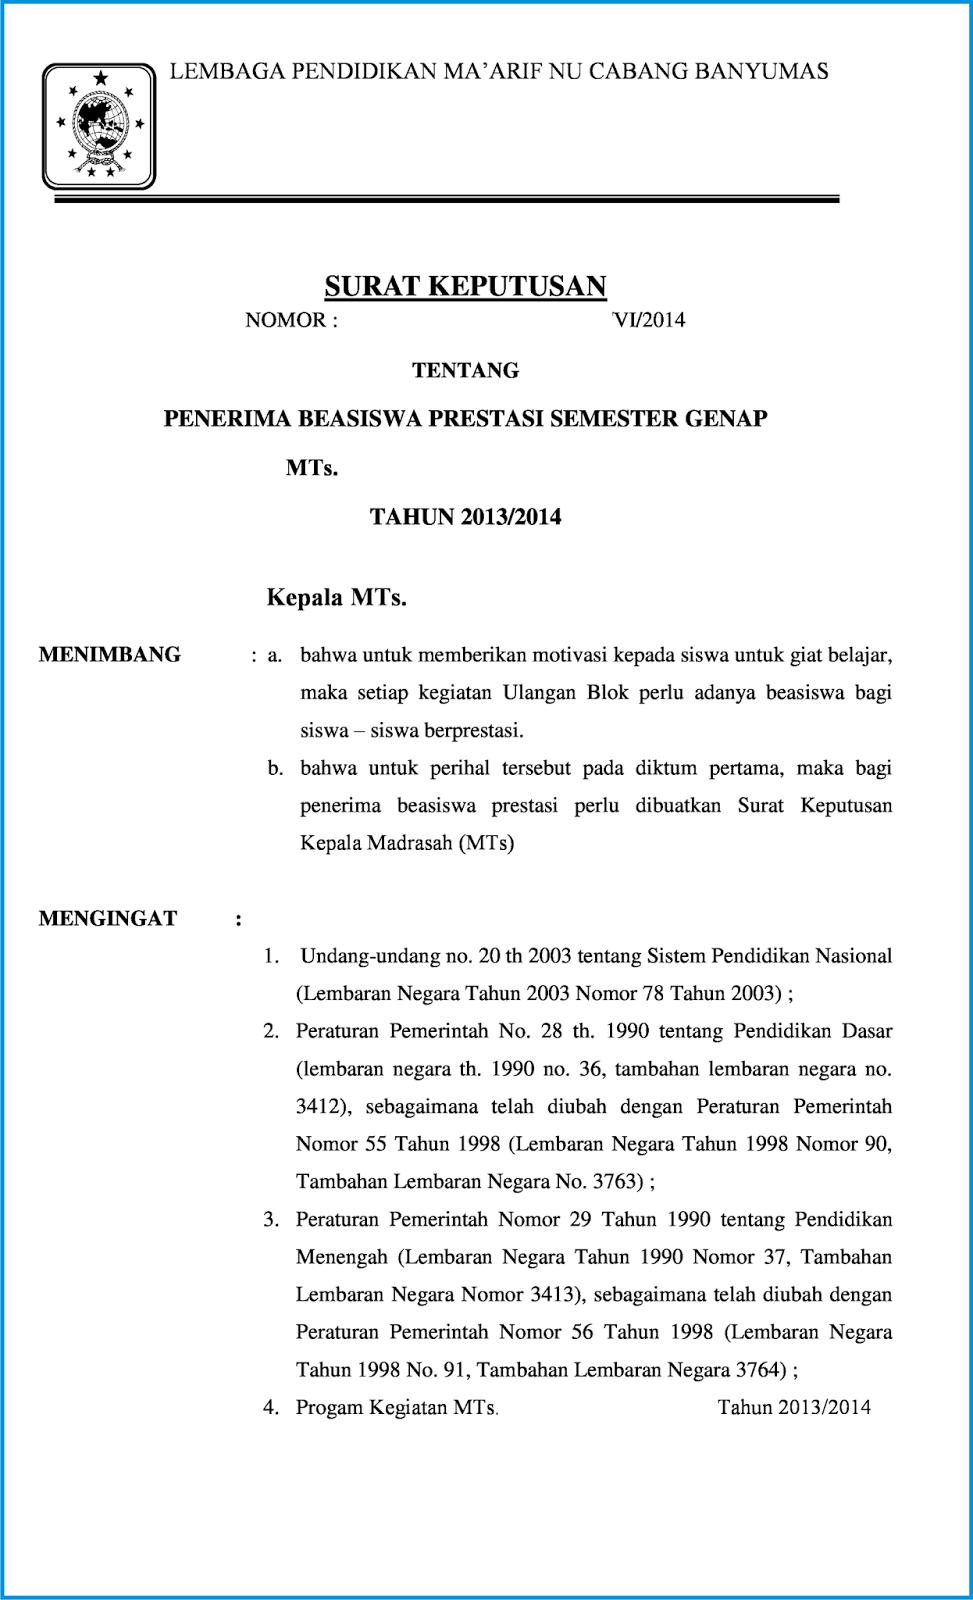 Surat Keputusan Beasiswa Prestasi Bangnidd File